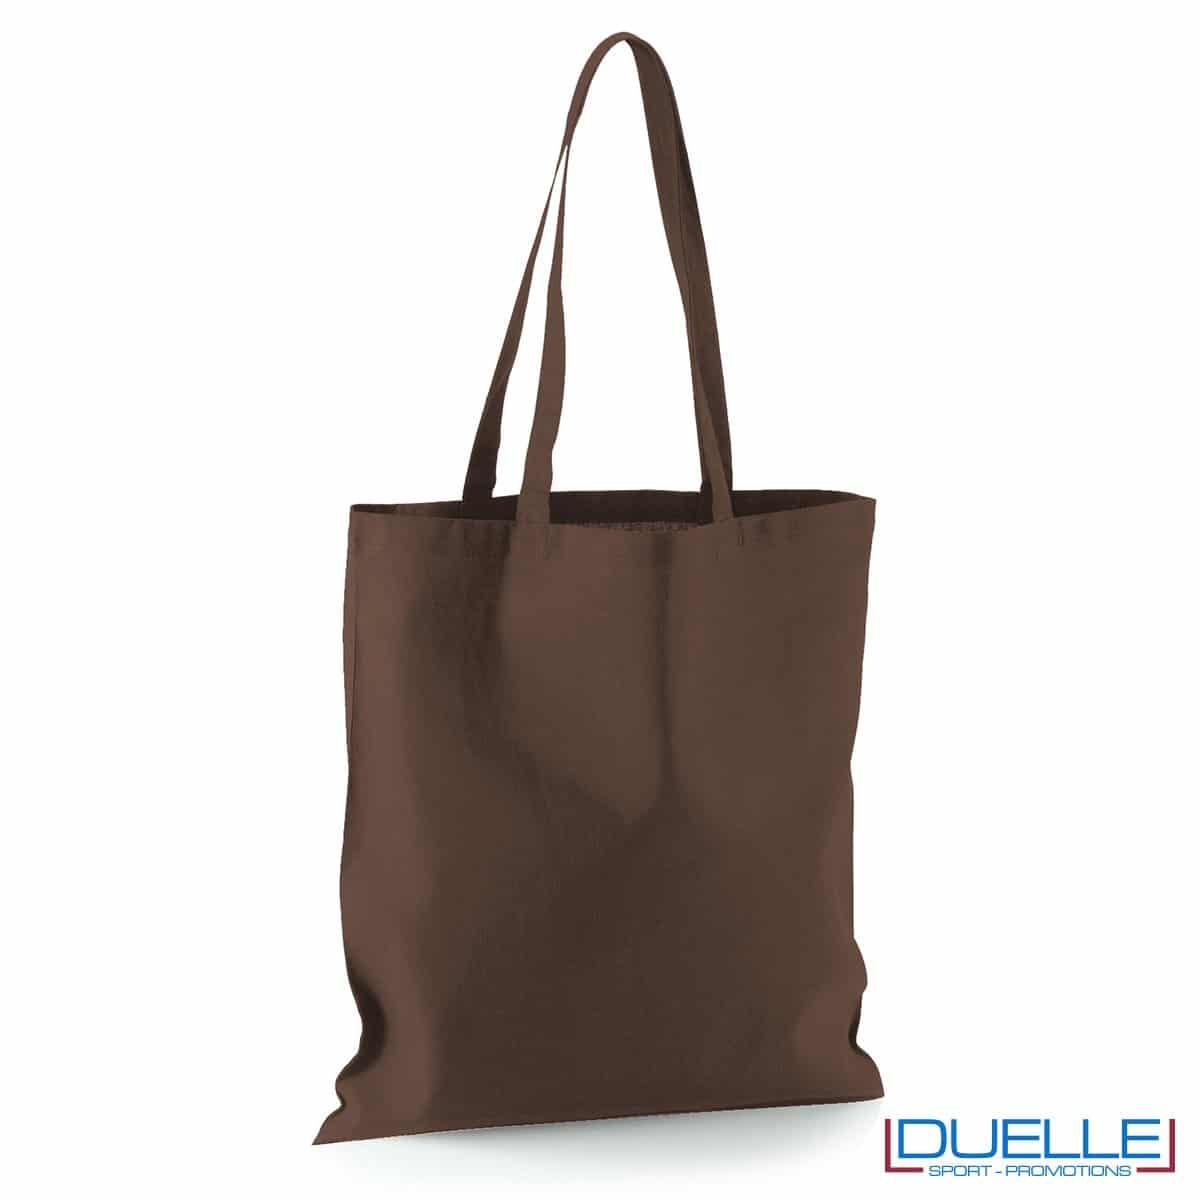 Shopper personalizzata in puro cotone marrone